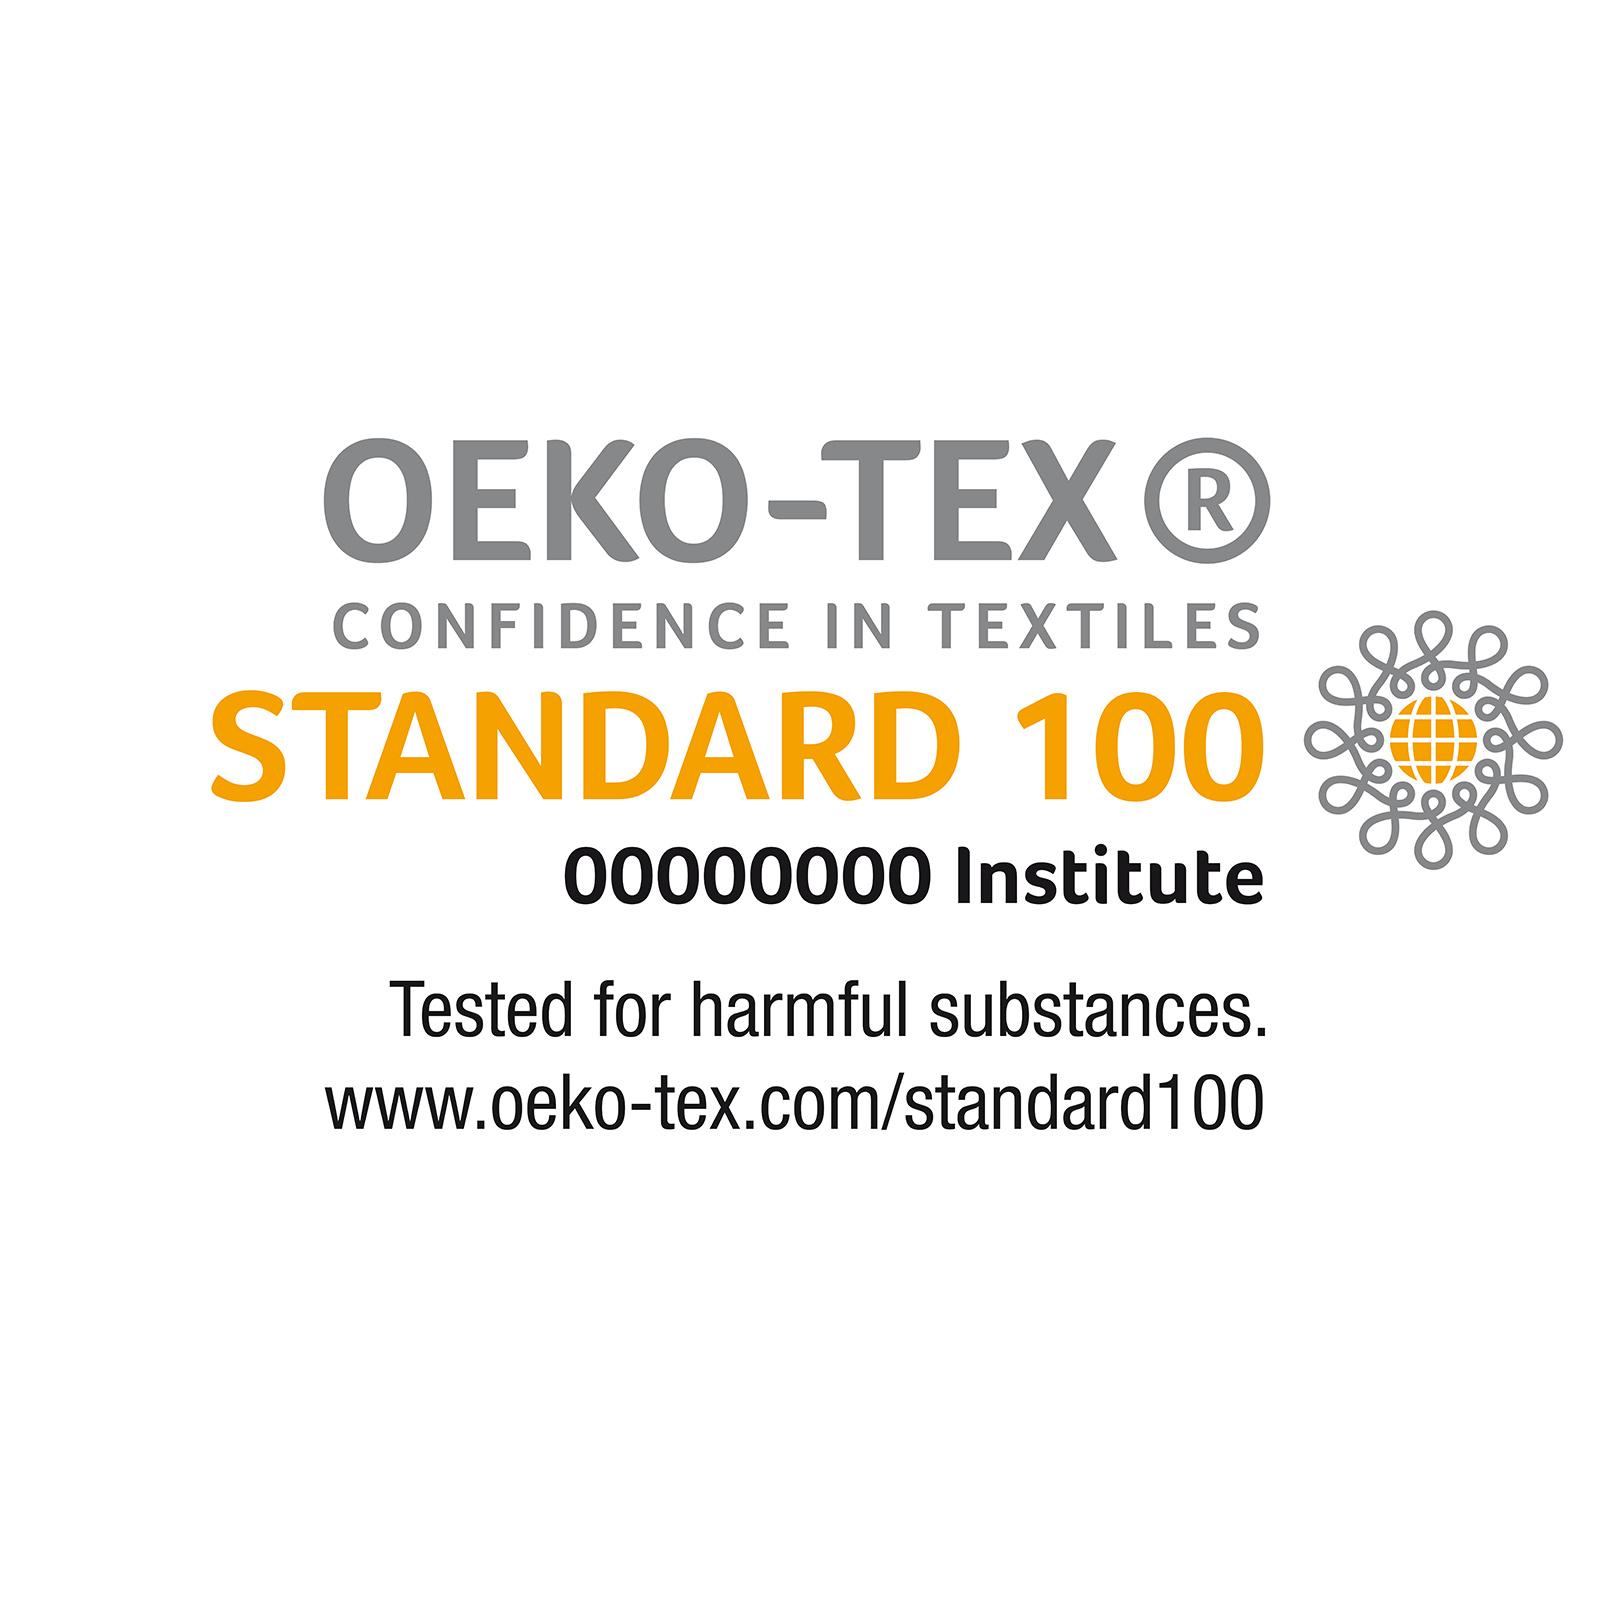 OEKO TEX-STANDARD 100: La certificazione OEKO-TEX® STANDARD 100 permette il controllo di centinaia di sostanze regolamentate.